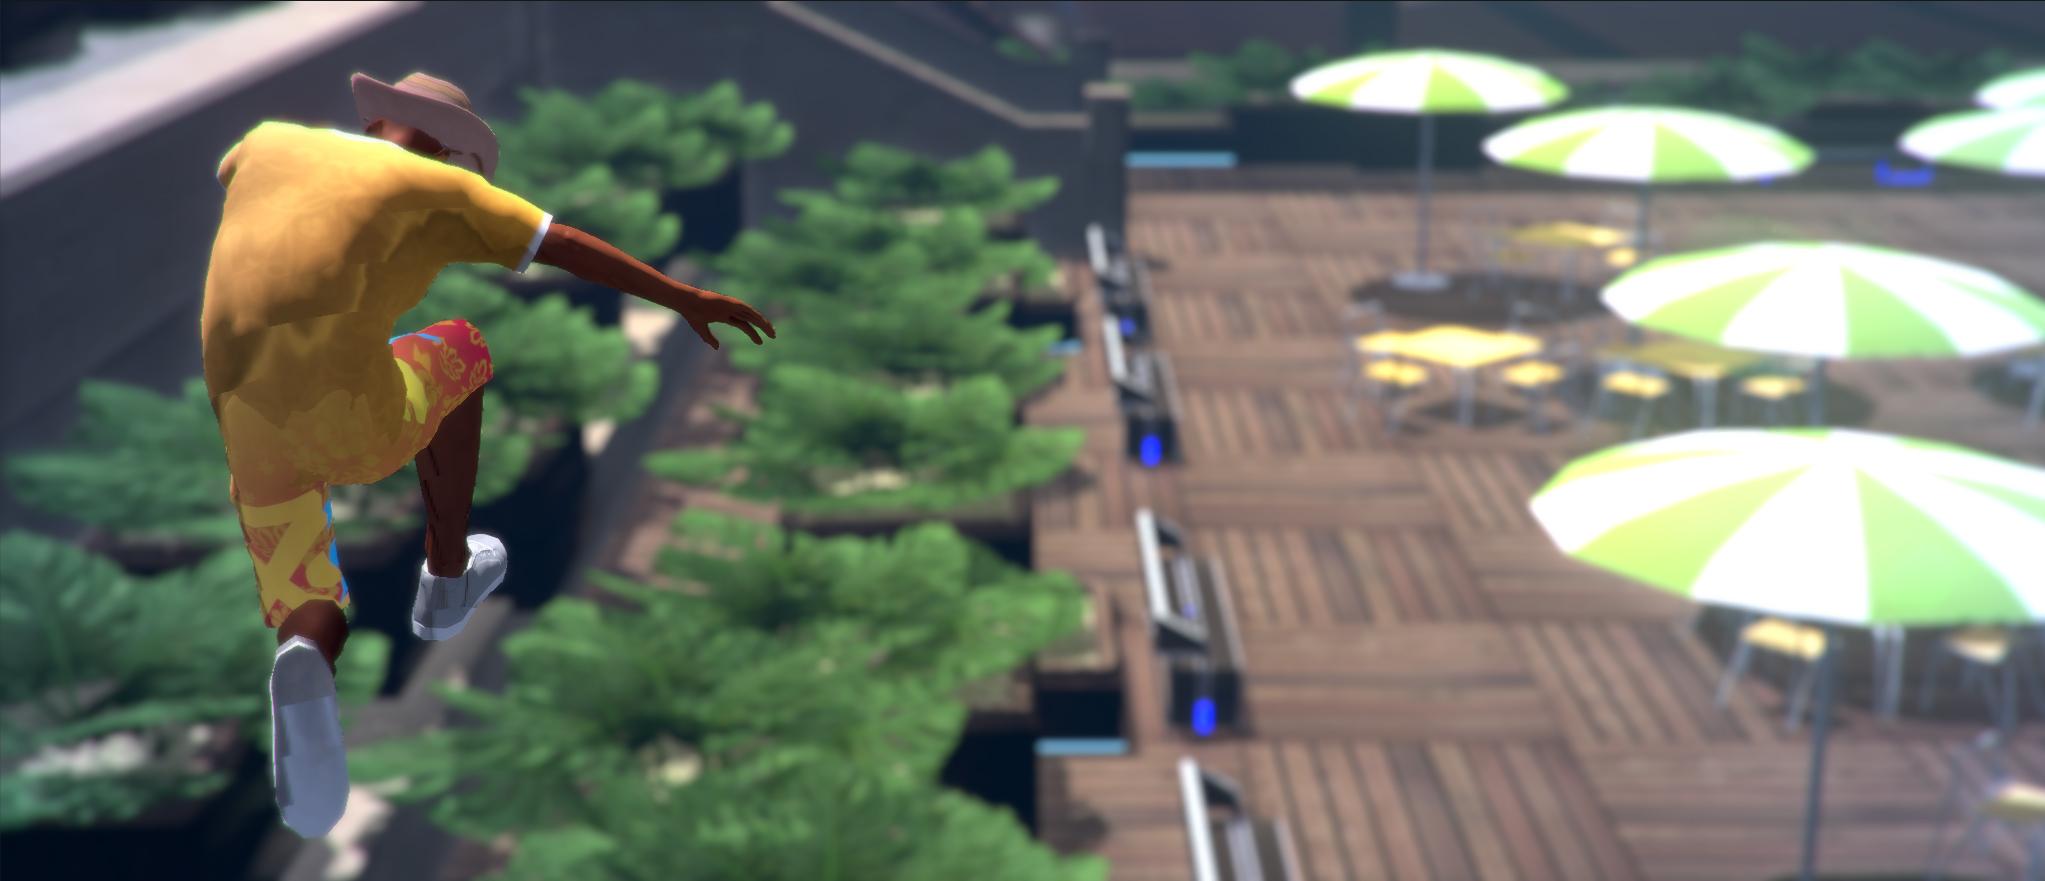 space - Landing zone 2.jpg